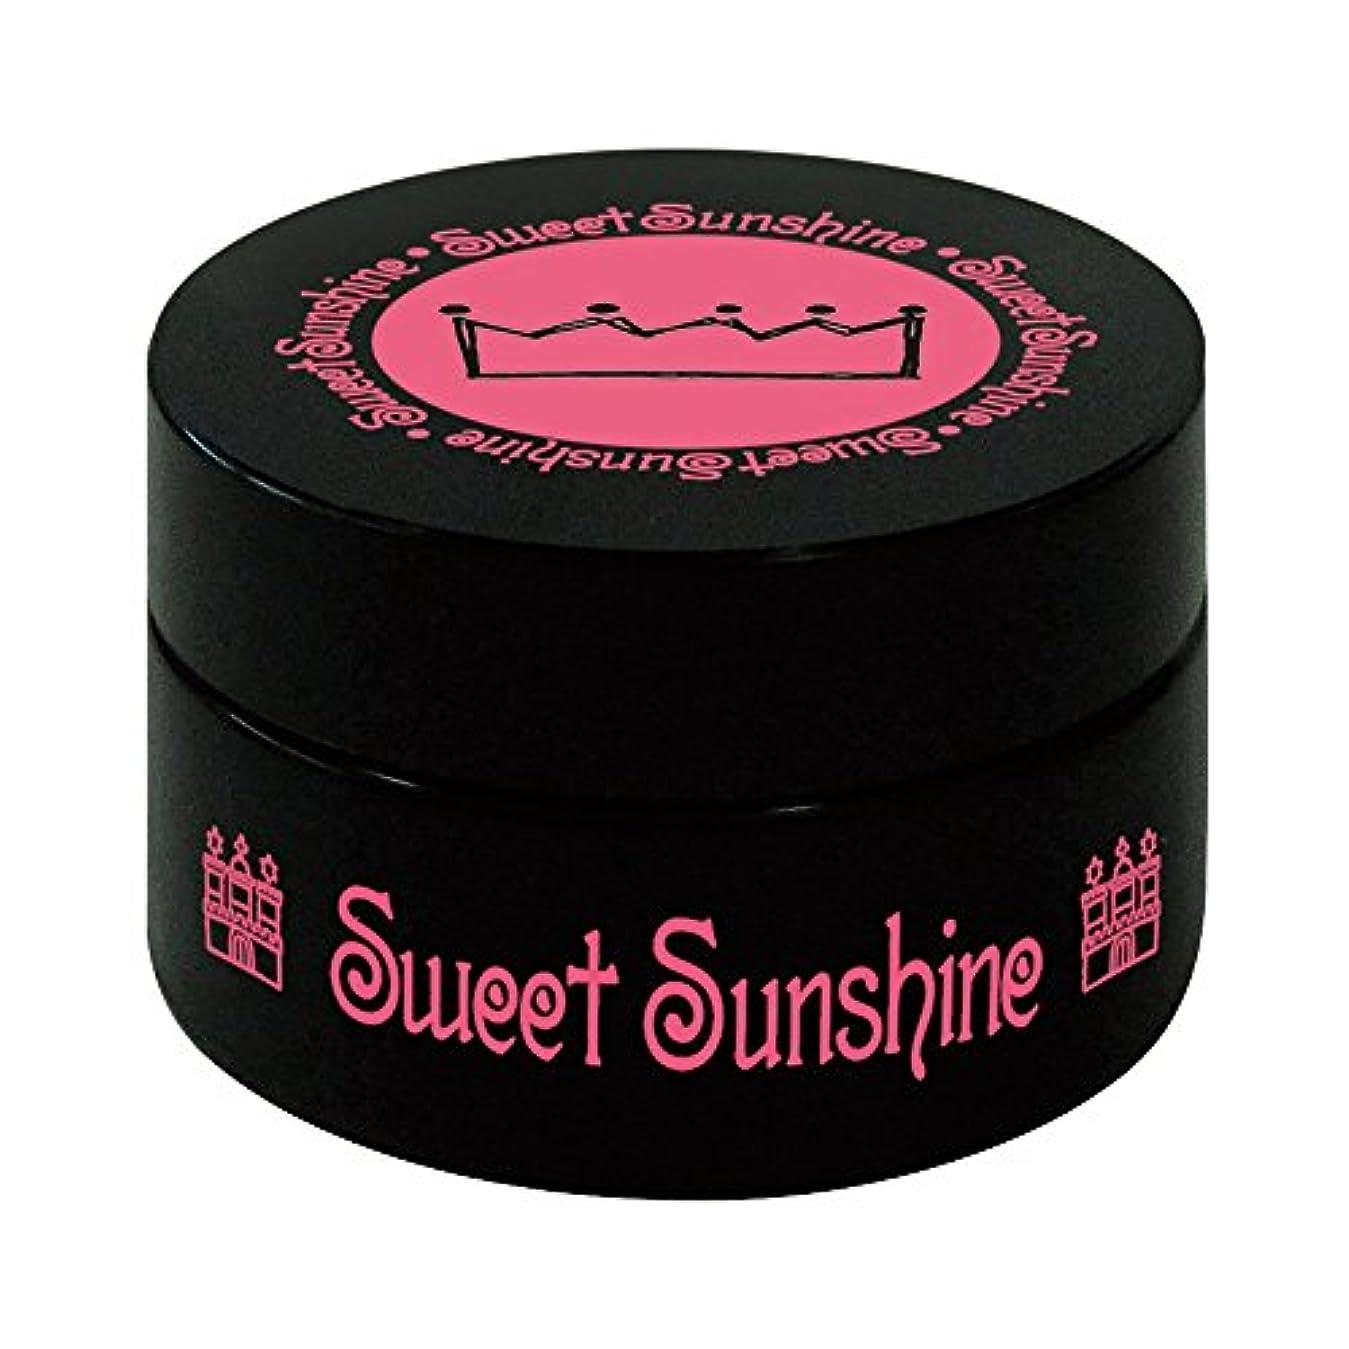 真面目なモーション摂動Sweet Sunshine カラージェル 4g RSC- 1 プリンセスピーチ マット UV/LED対応